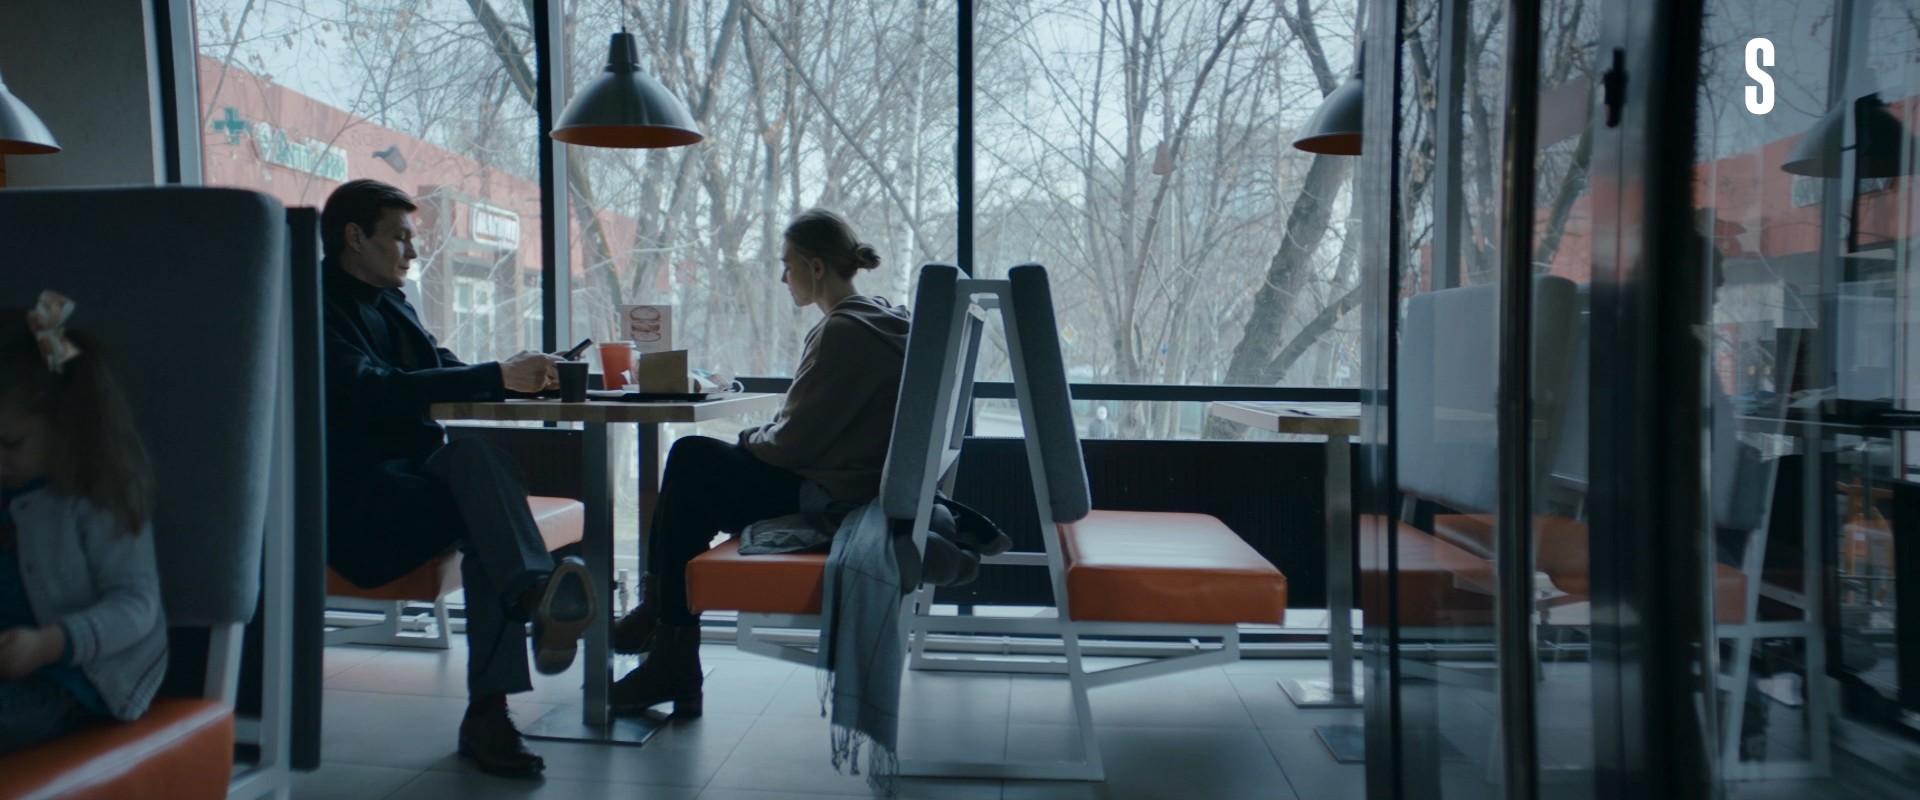 «Савинов про кино»: «Контейнер» – депрессивная драма о проблемах материнства